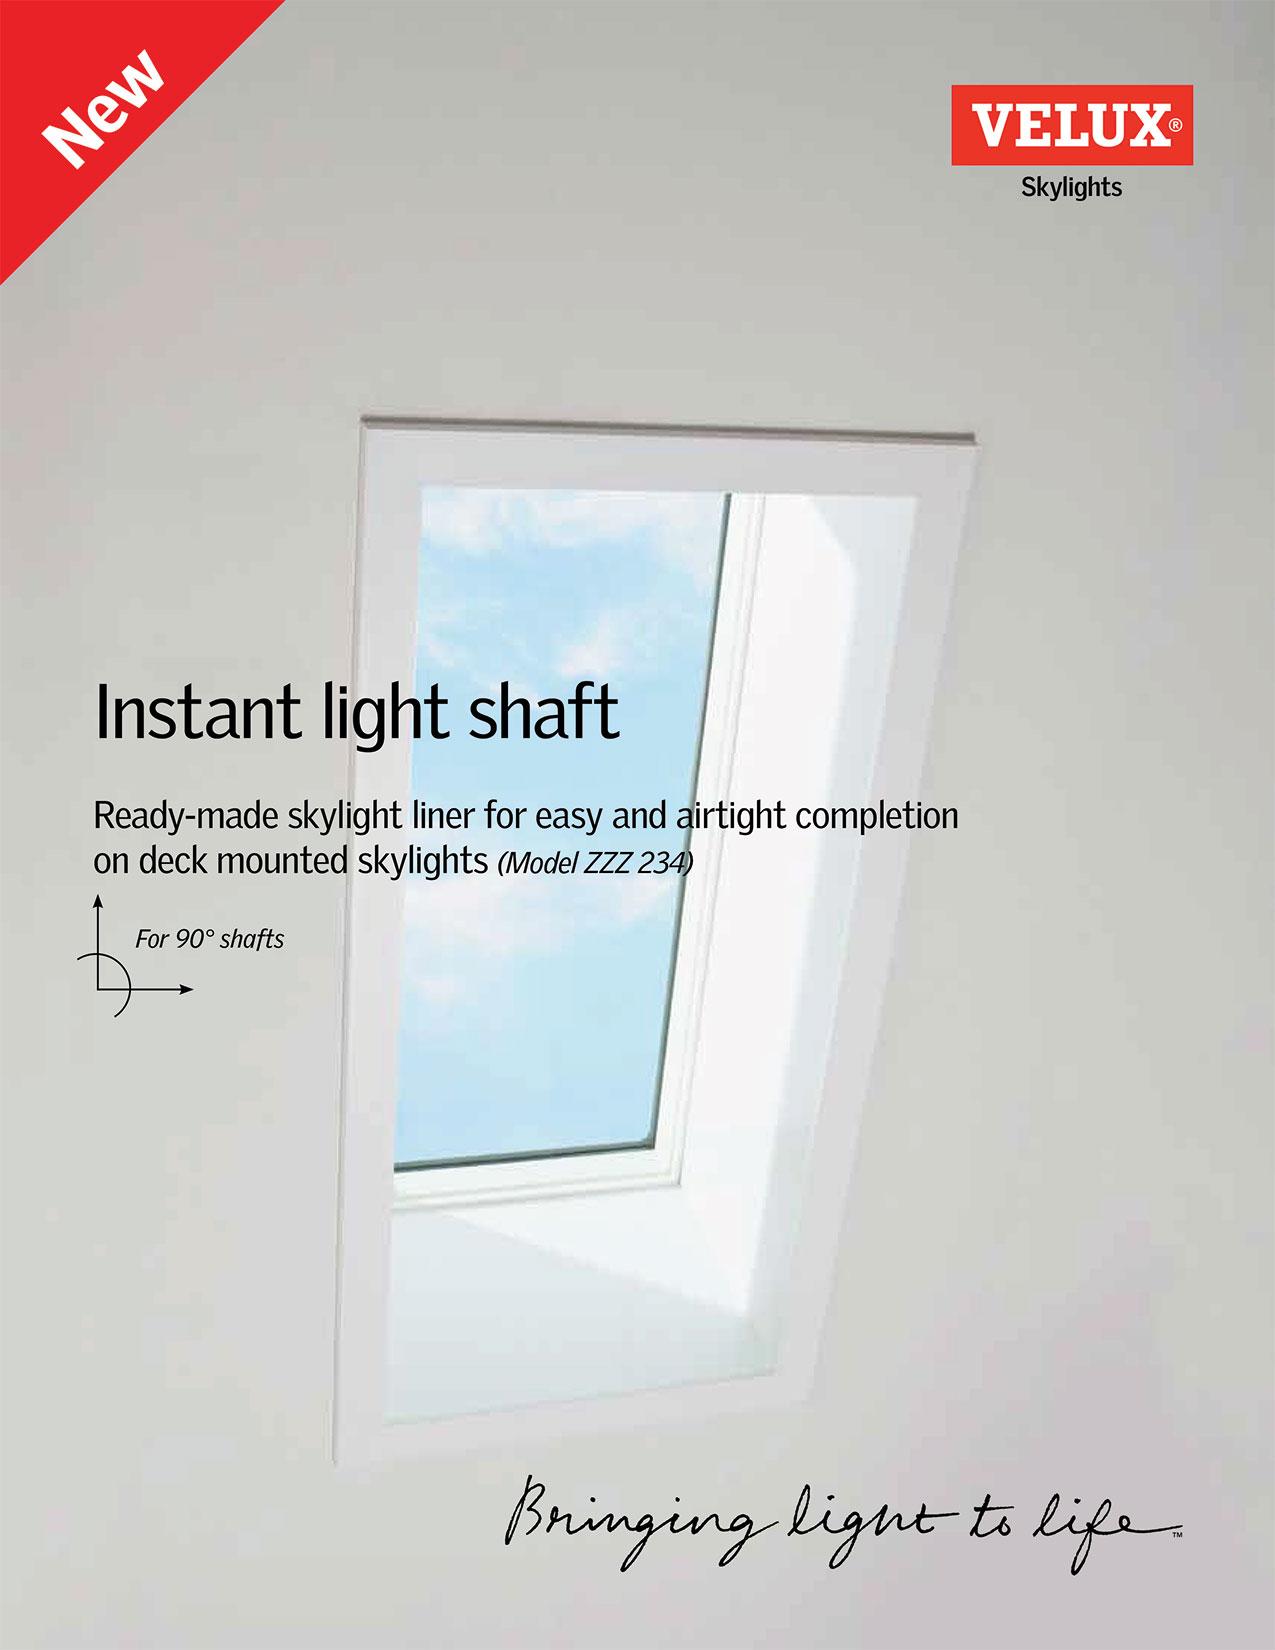 instant-light-shaft-flyer.jpg